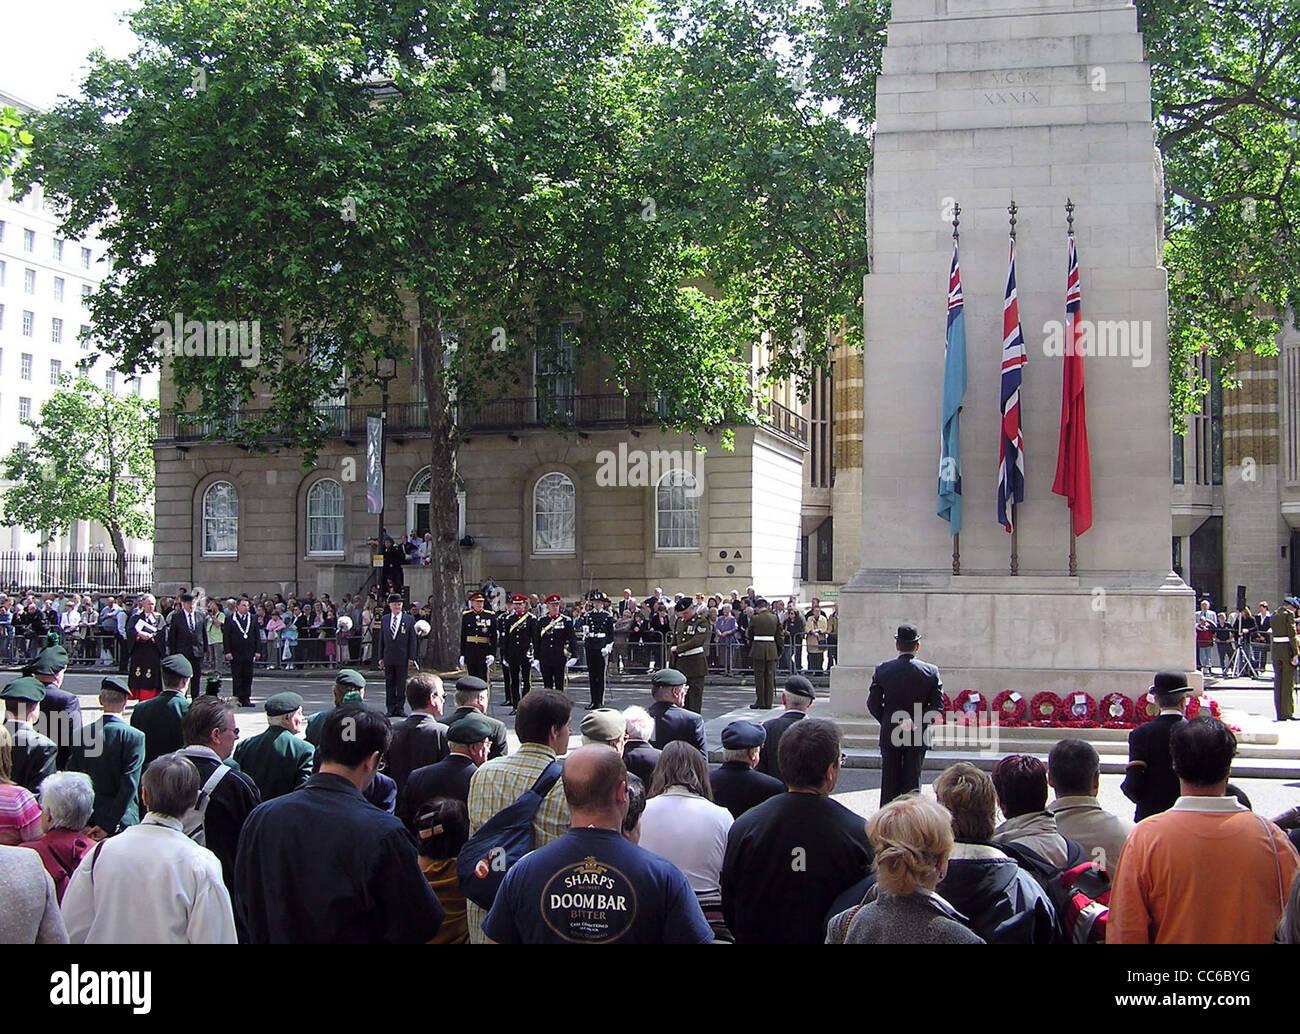 Une cérémonie au cénotaphe, Londres, le dimanche 12 juin 2005, se souvenant de la guerre irlandaise Photo Stock